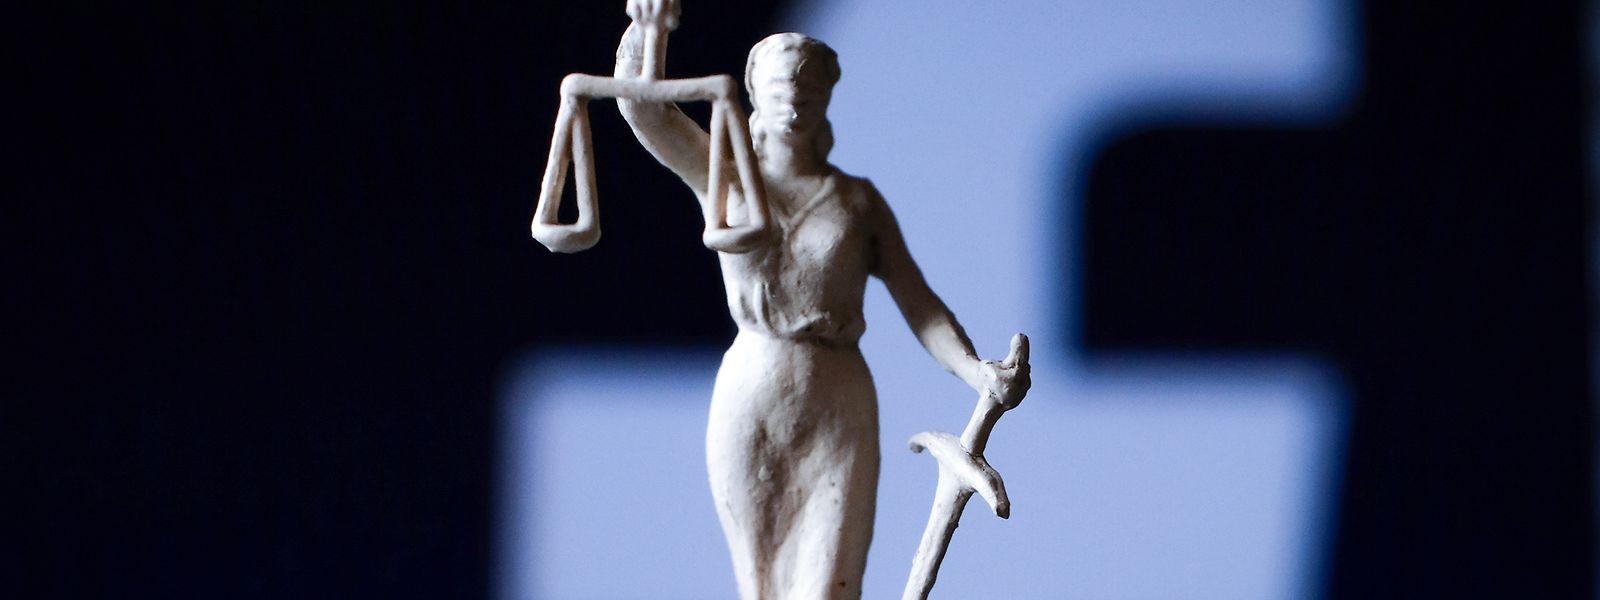 Zwei Angeklagte müssen sich wegen rassistischer Kommentare im Internet vor Gericht verantworten.